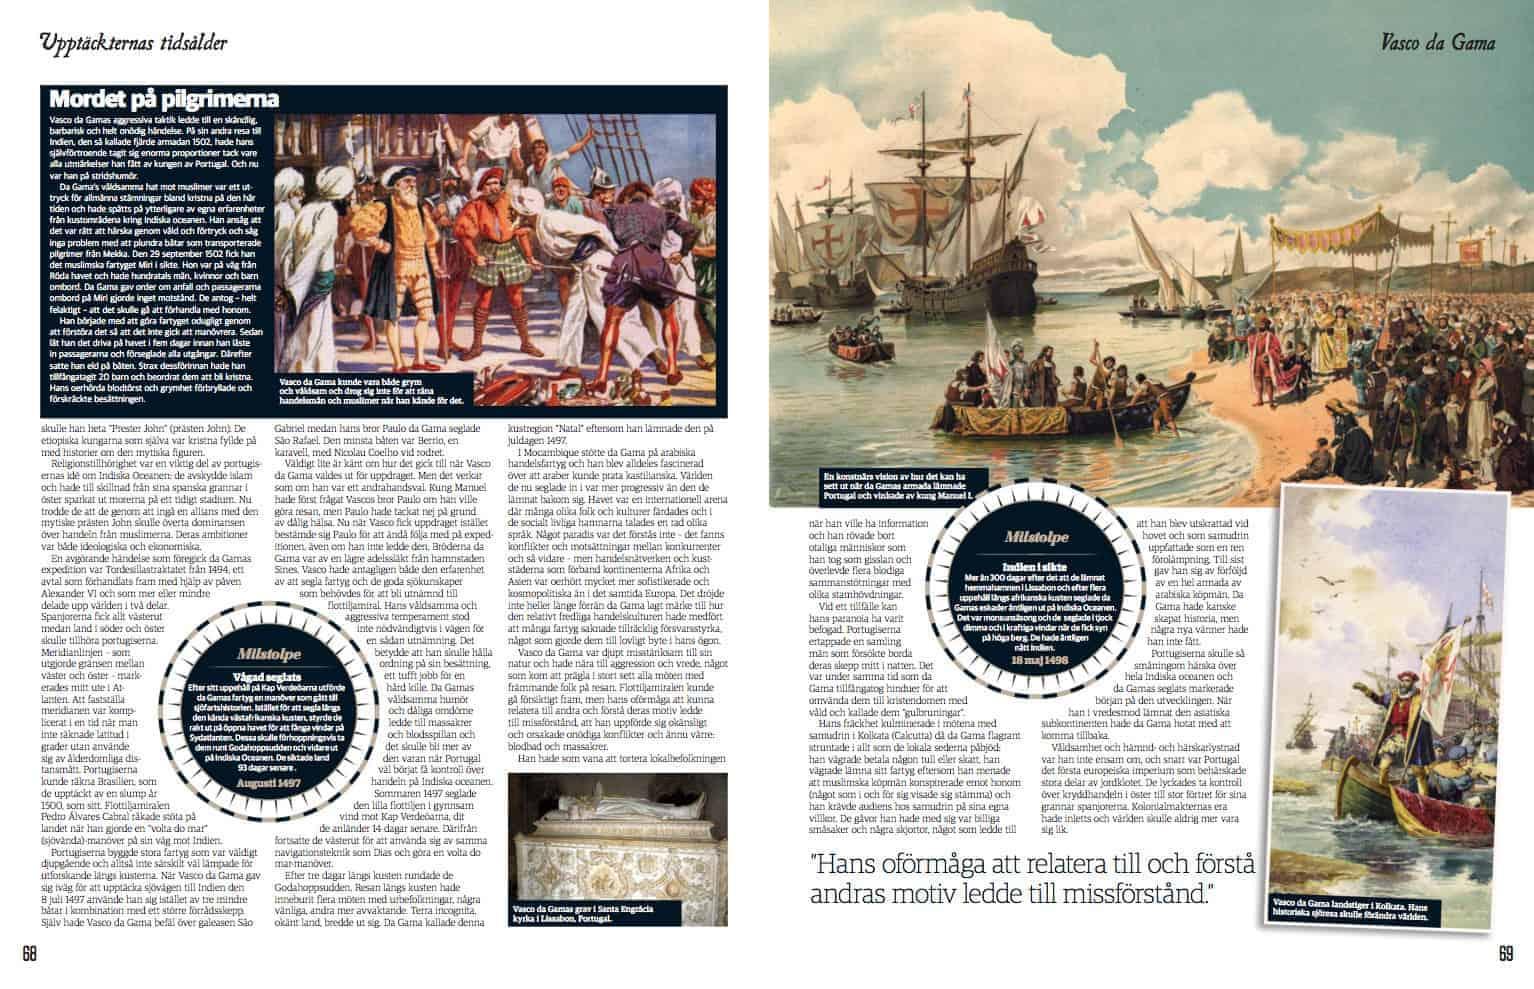 Vasco da Gama, uppslag